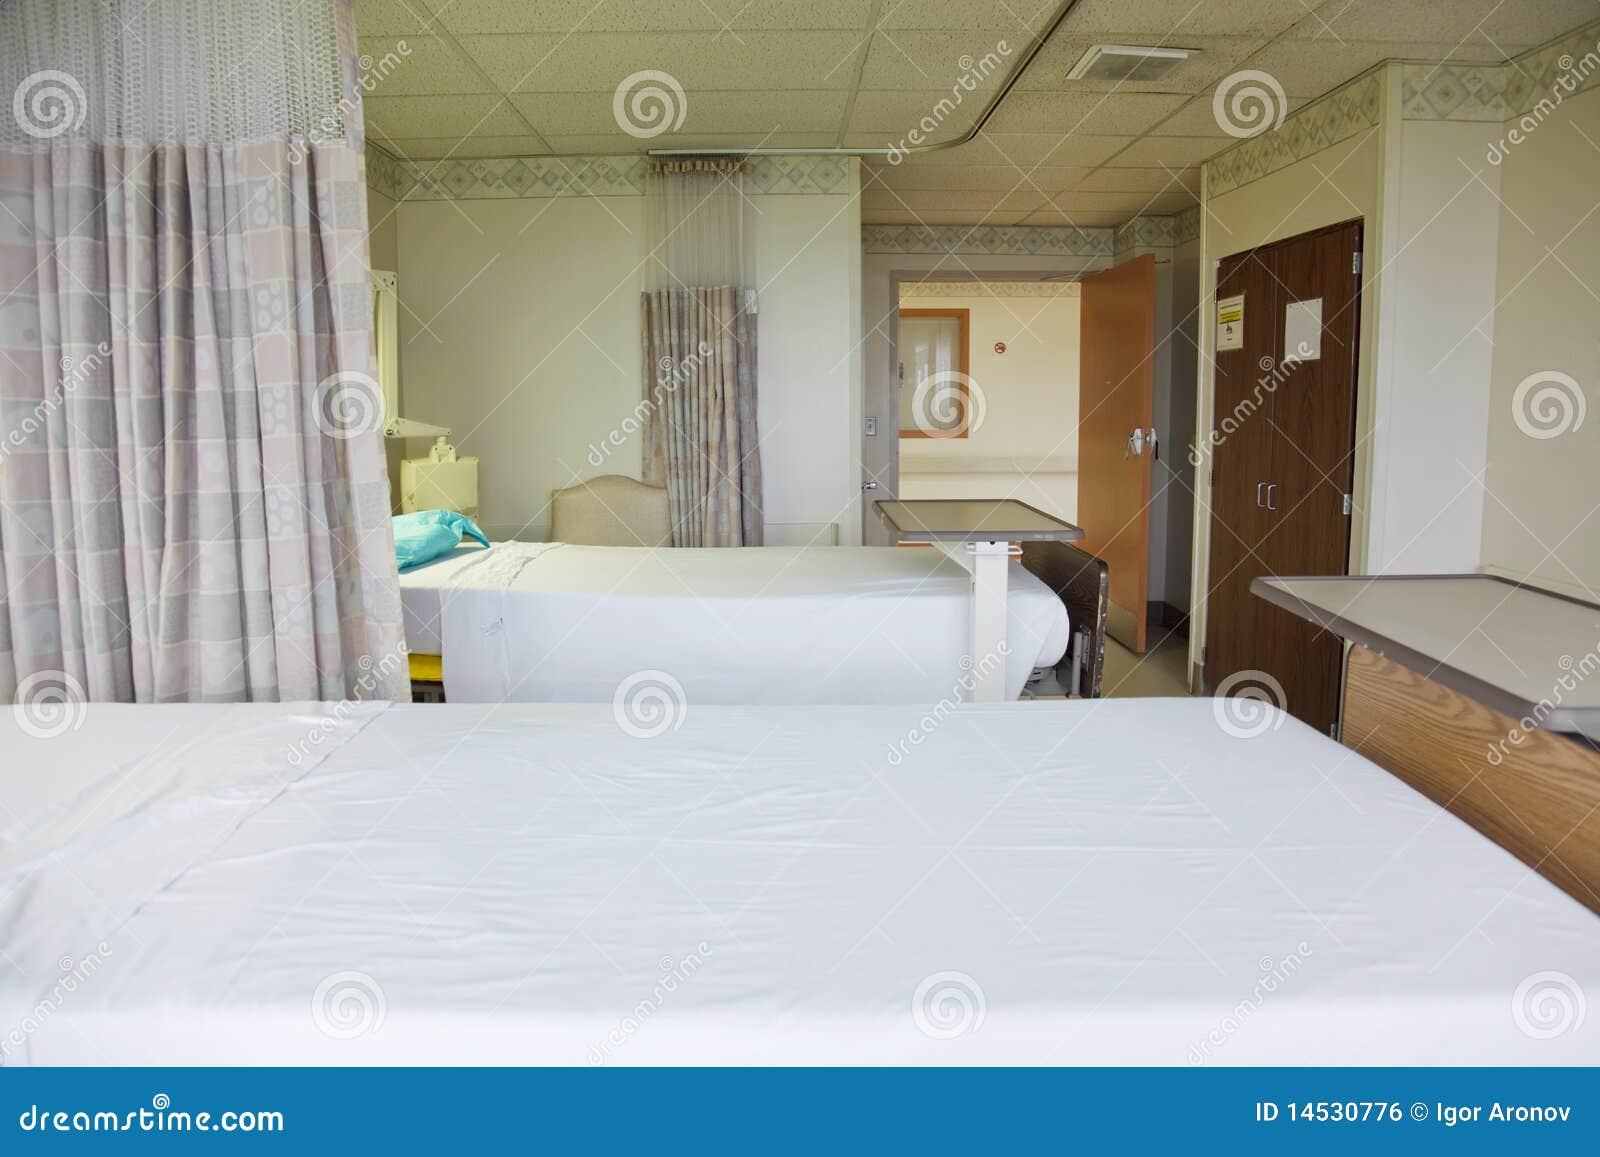 Quarto do paciente no hospital